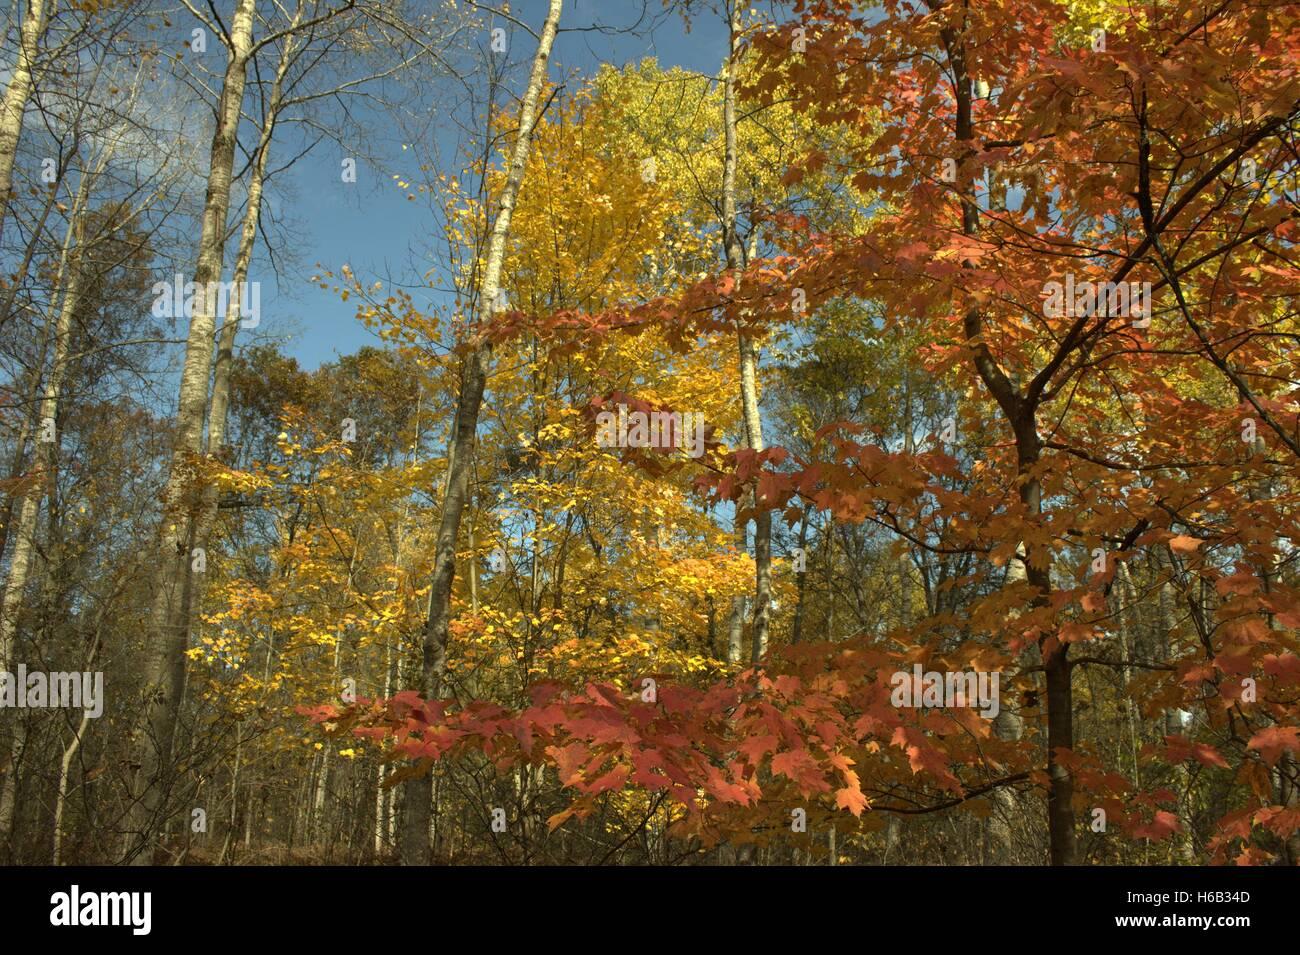 Poplar Trees Leaves Stock Photos & Poplar Trees Leaves ... | 1300 x 955 jpeg 284kB